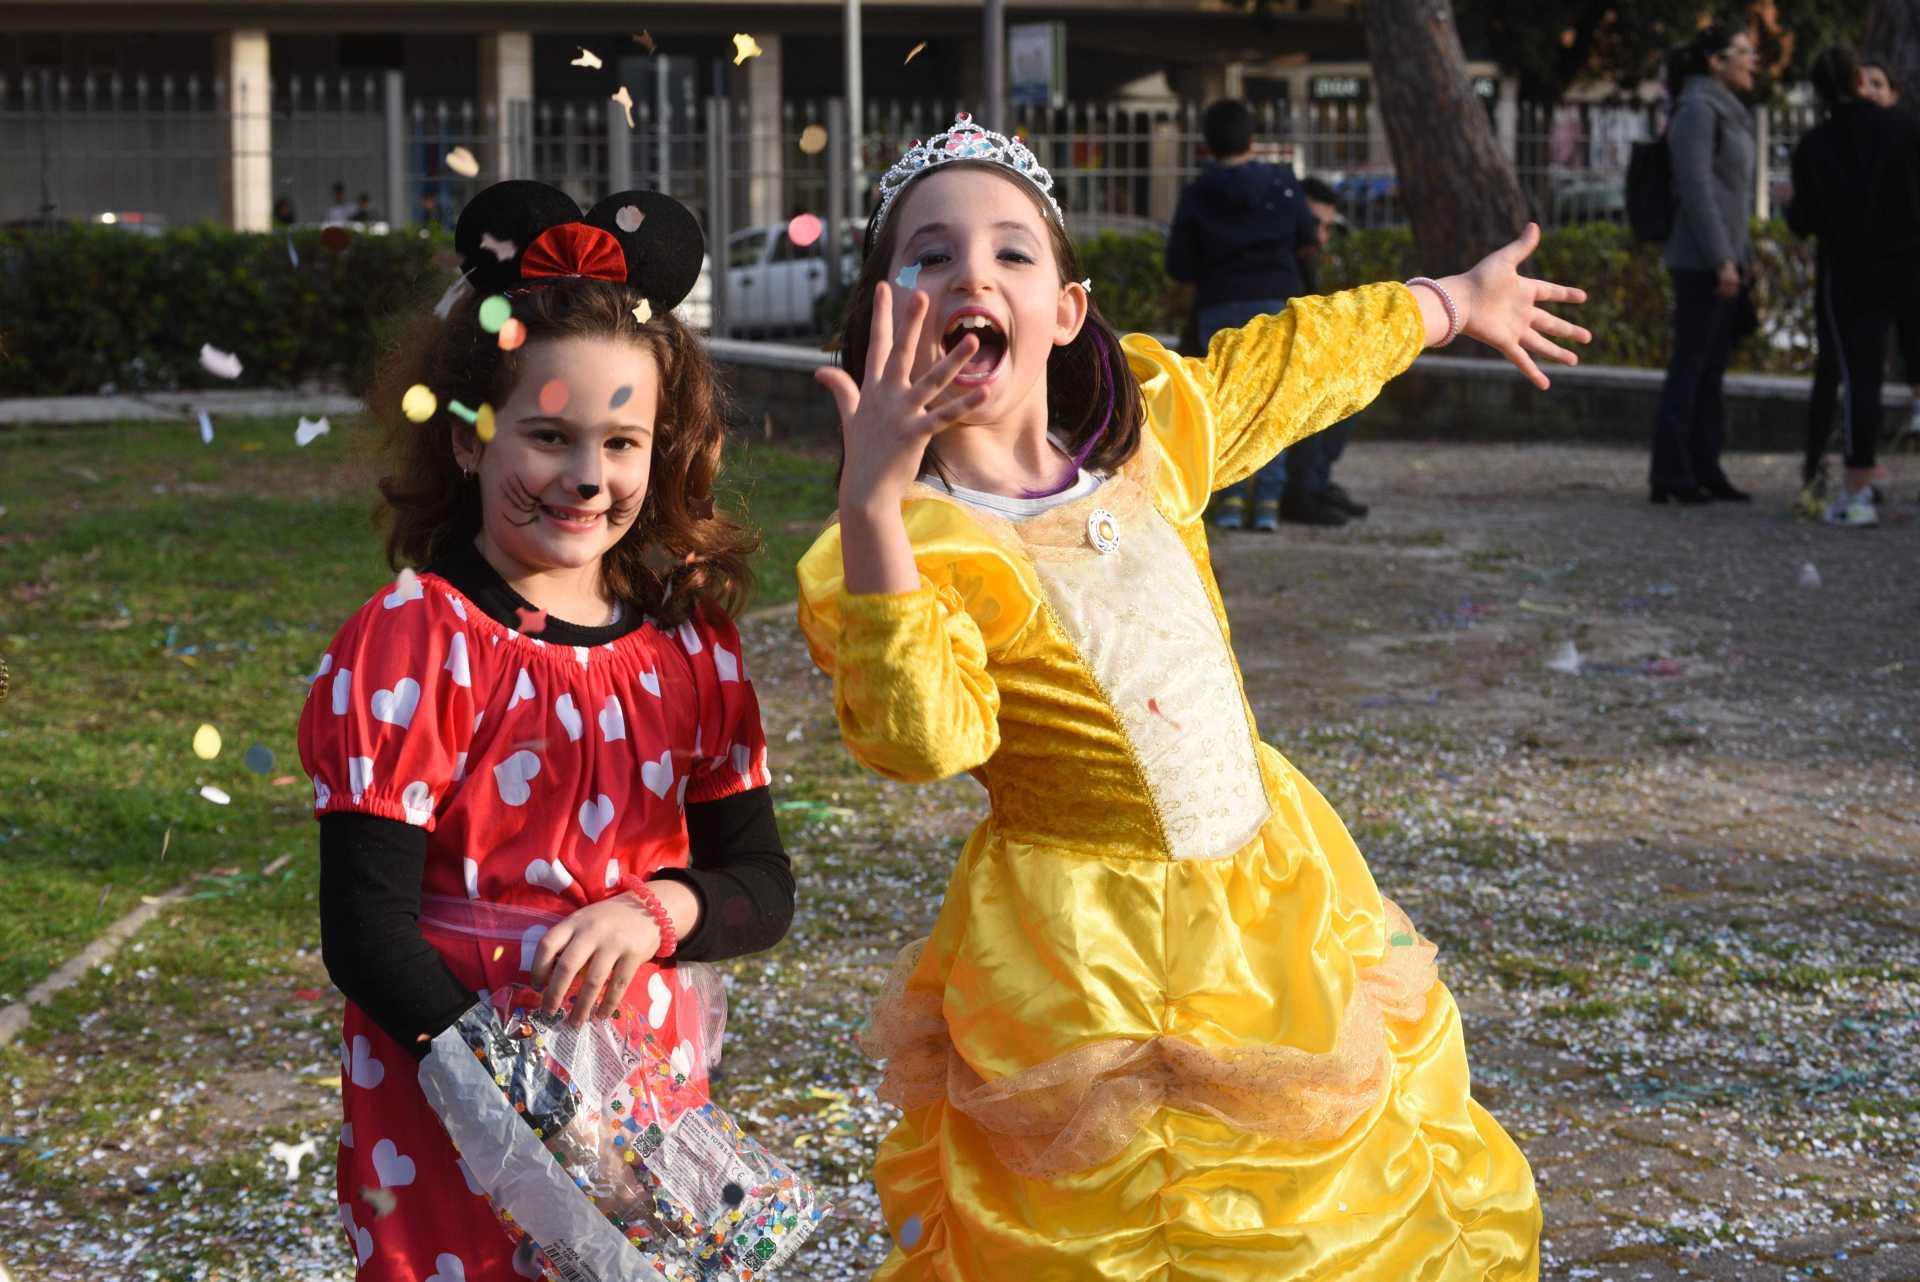 Torna il Carnevale nei giardini di Lido Centro